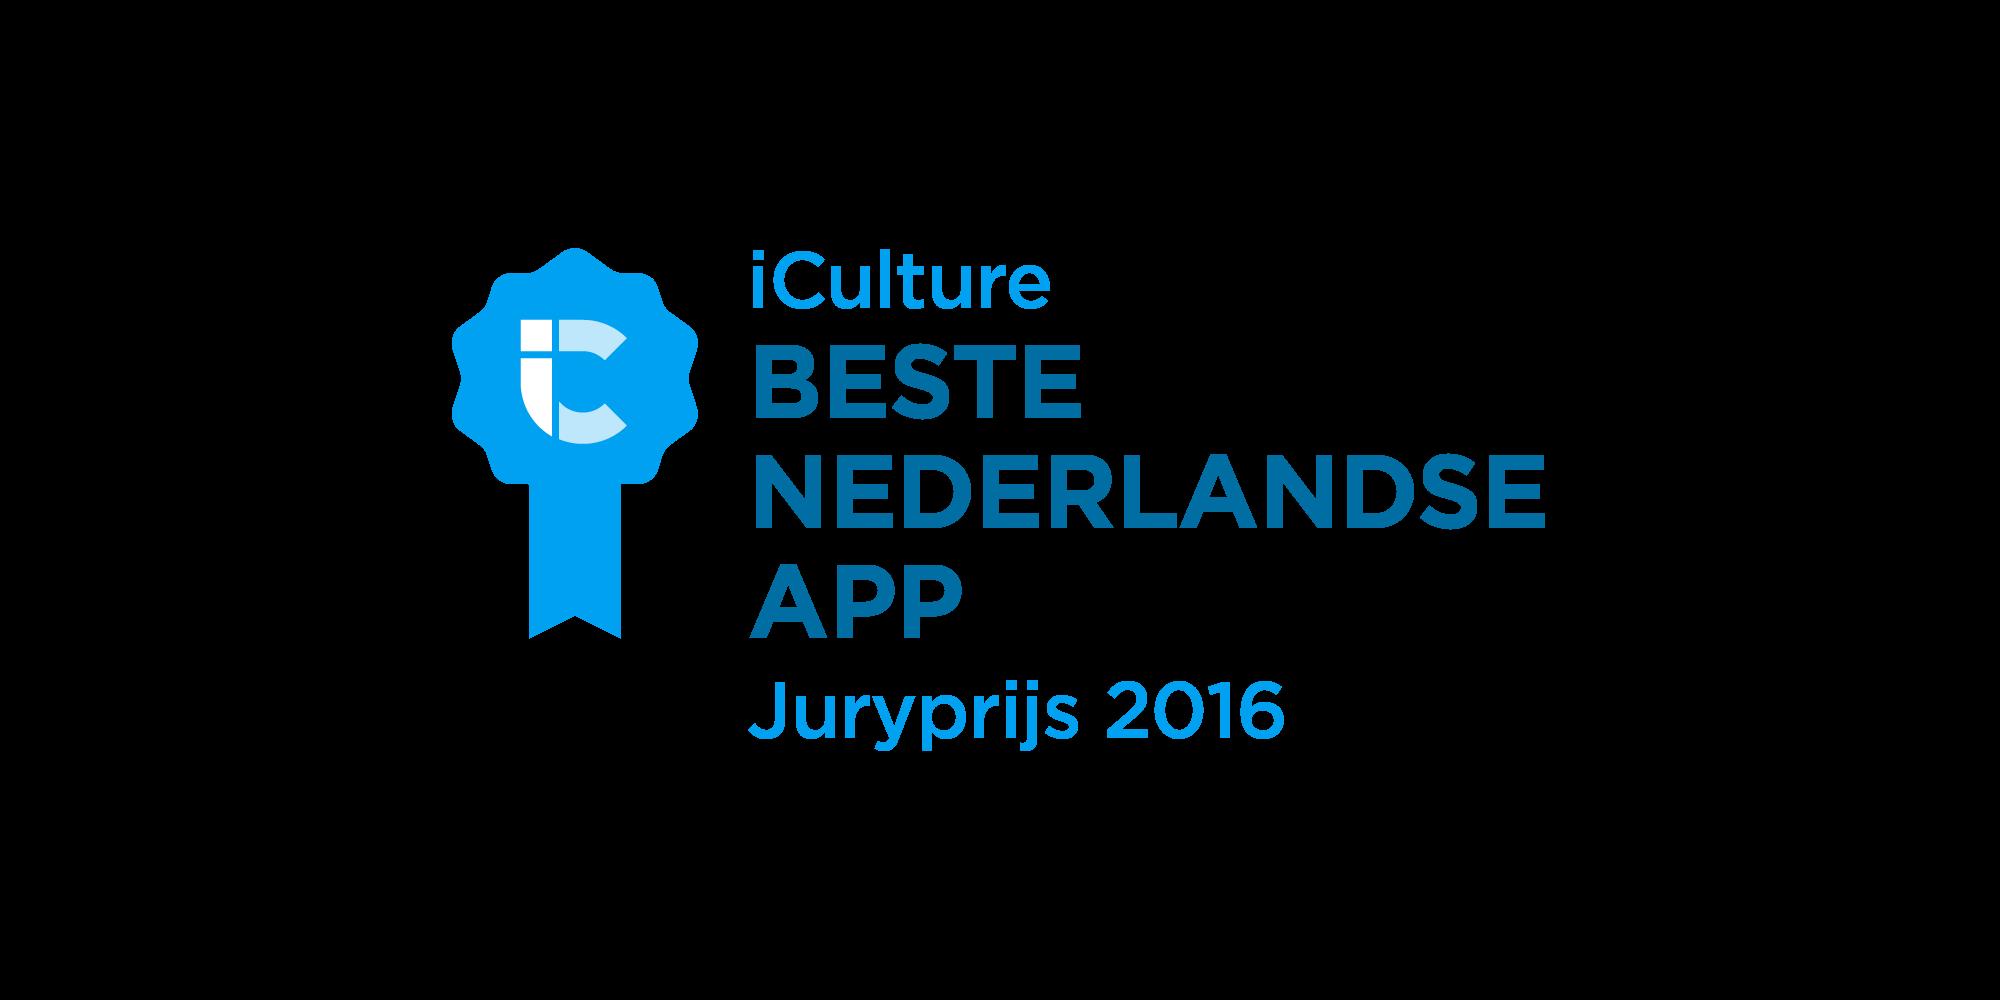 iCulture Beste Nederlandse Apps 2016